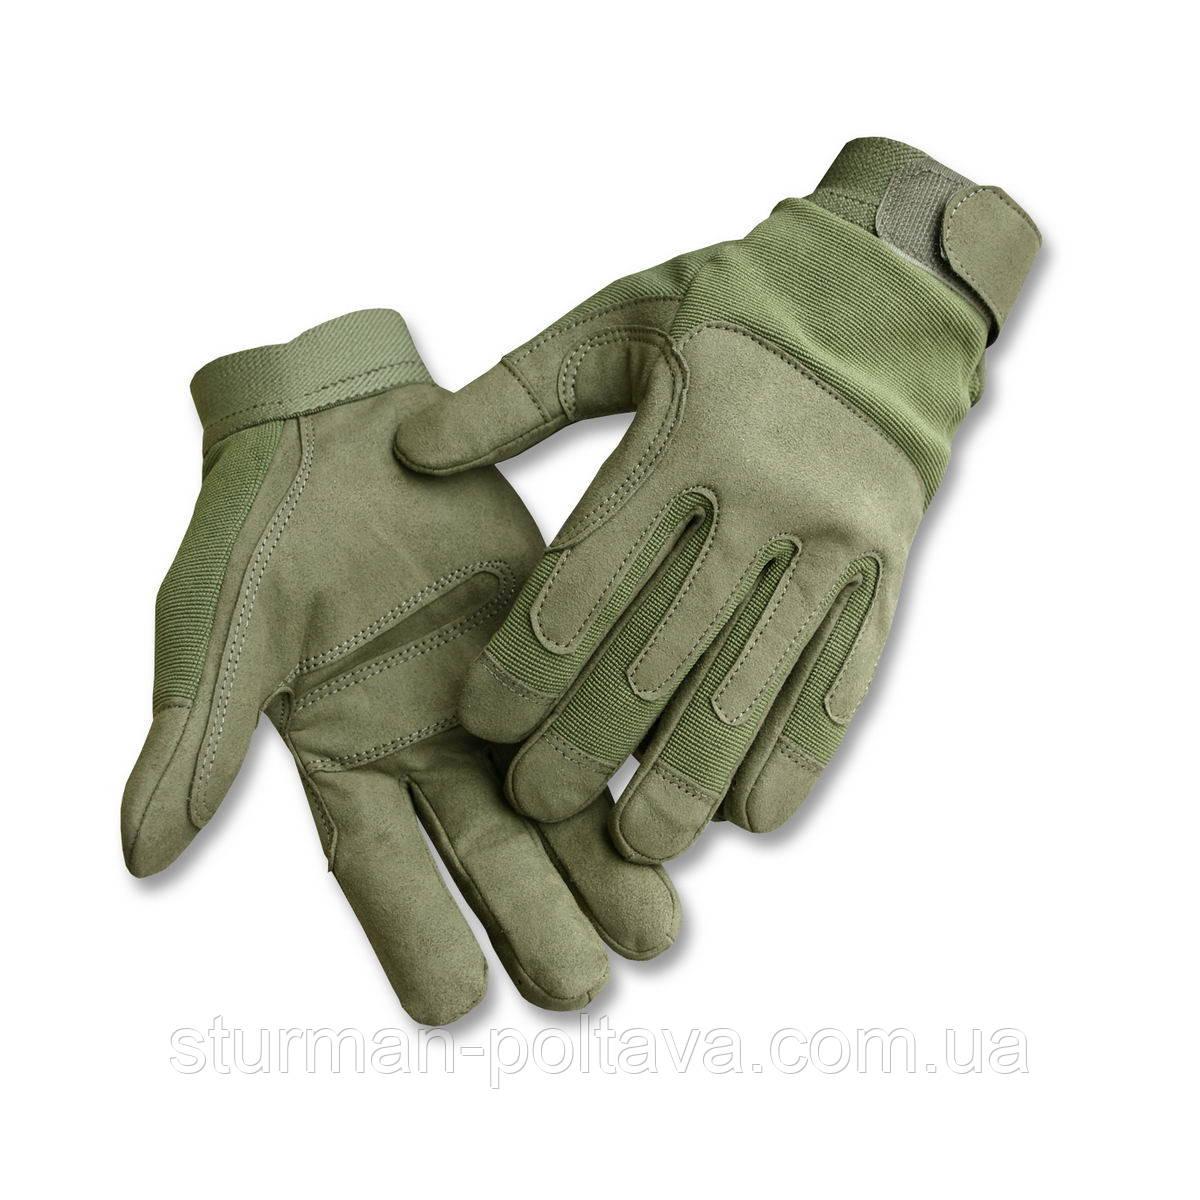 Перчатки мужские   комбинированые тактические  армейские ARMY GLOVES OLIV  Mil-Tec цвет олива Германия